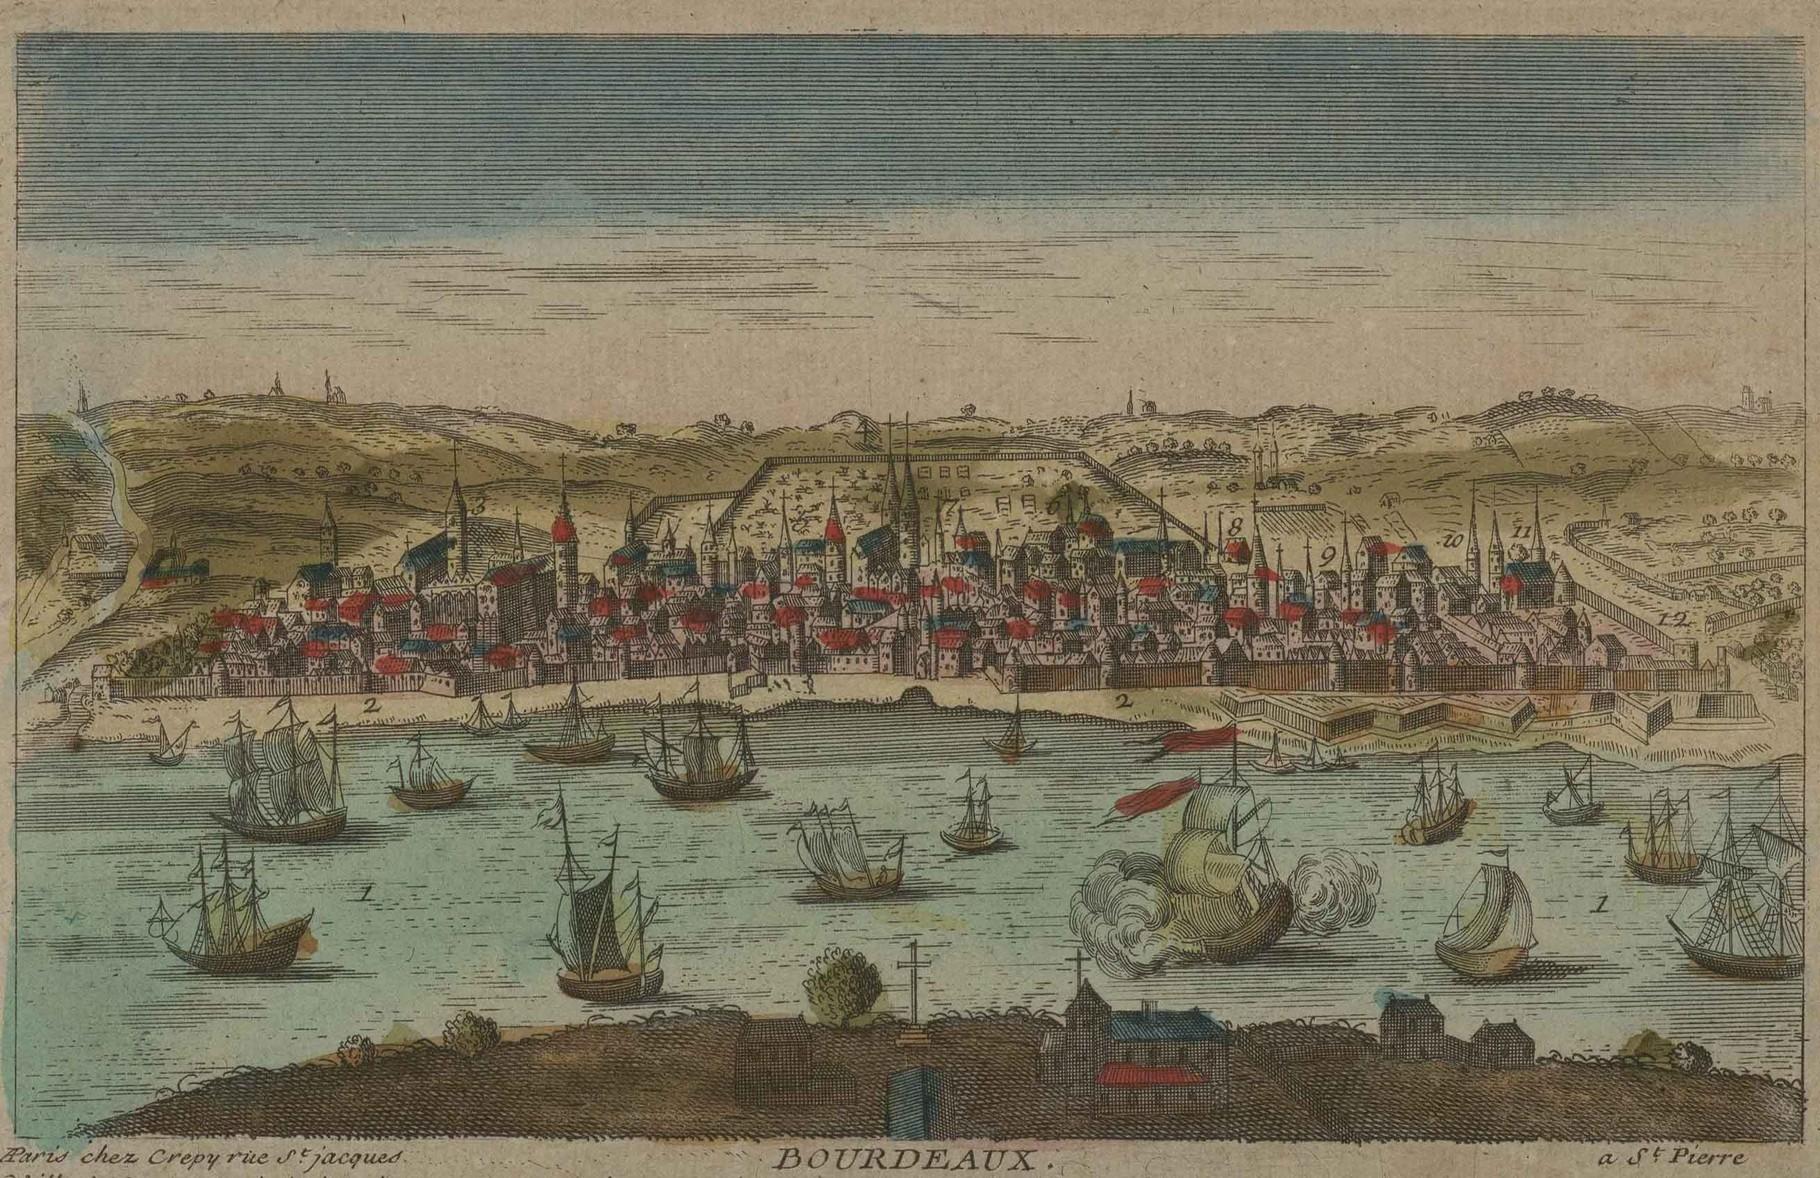 Бордо в 17 веке, 35 тыс жителей